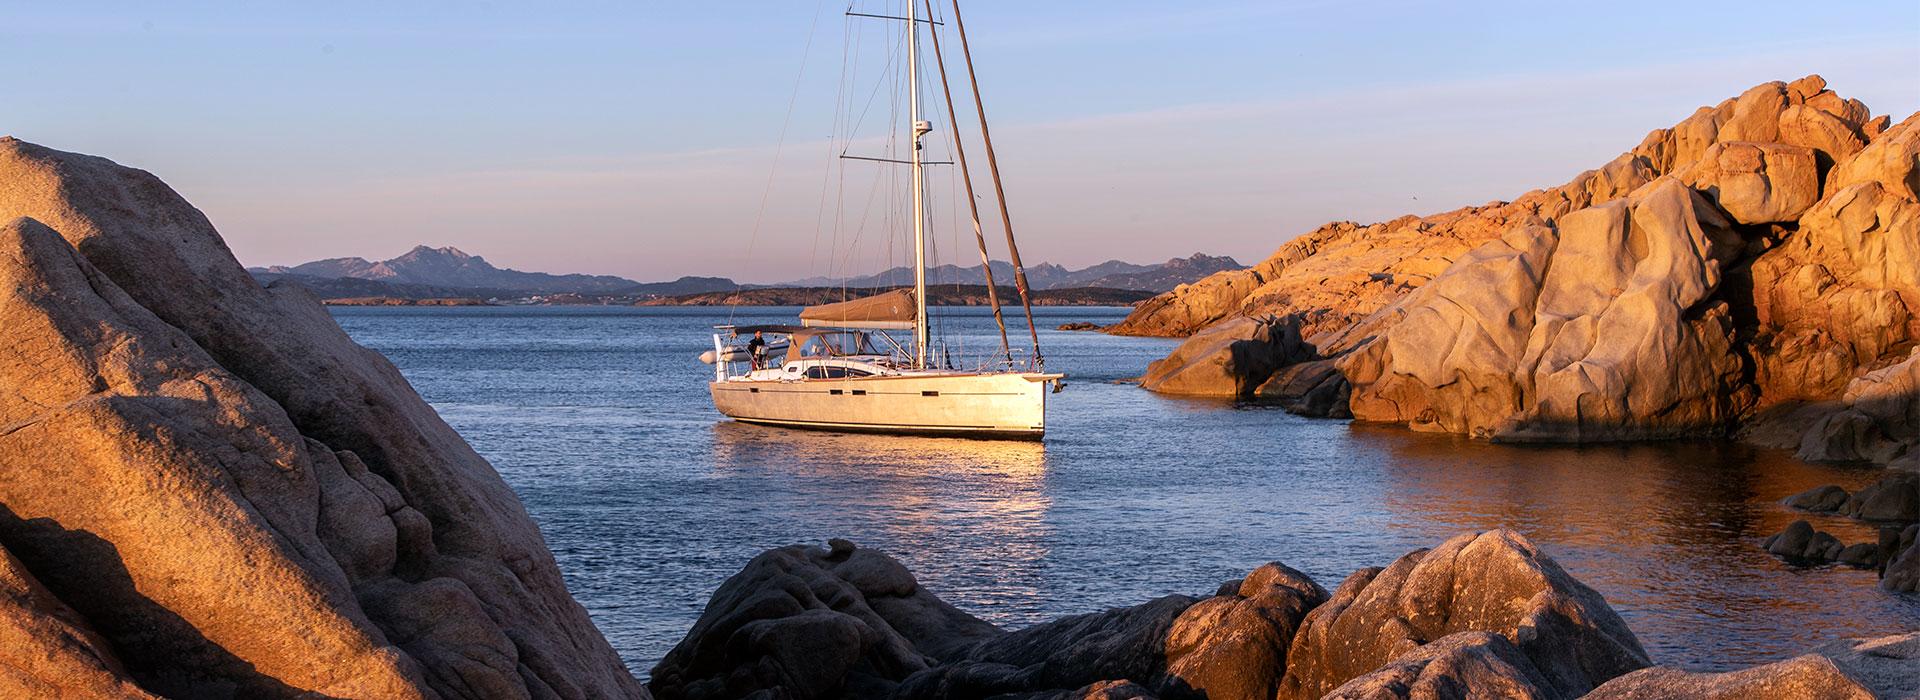 Bootsbau Aluminium als Rumpfmaterial für Segelyachten.